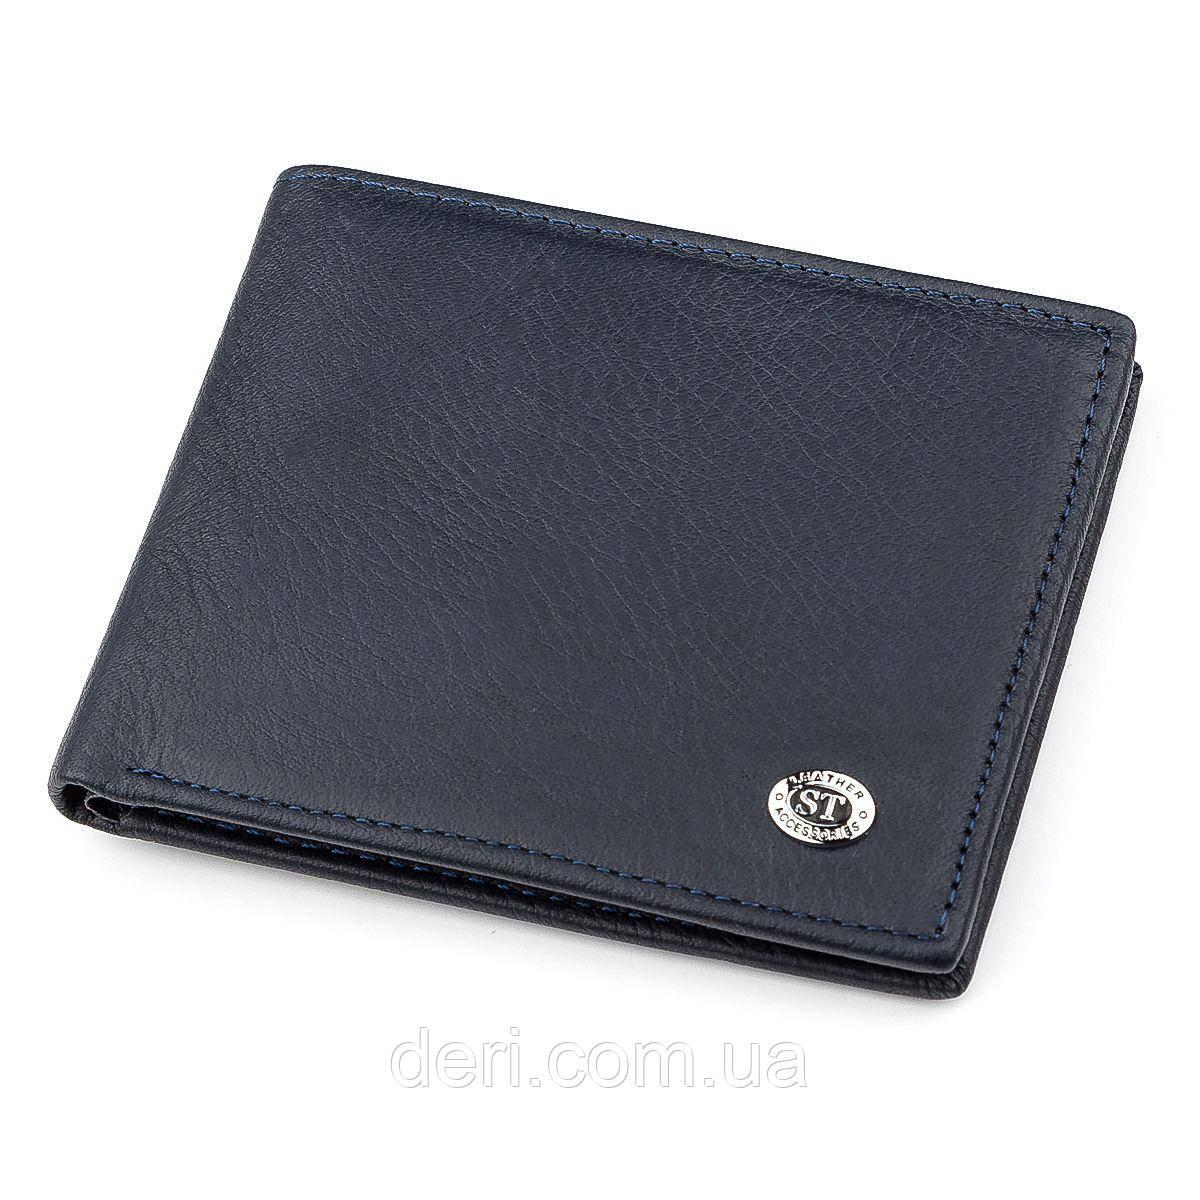 Мужской кошелек ST Leather 18321 (ST160) кожа Синий, Синий